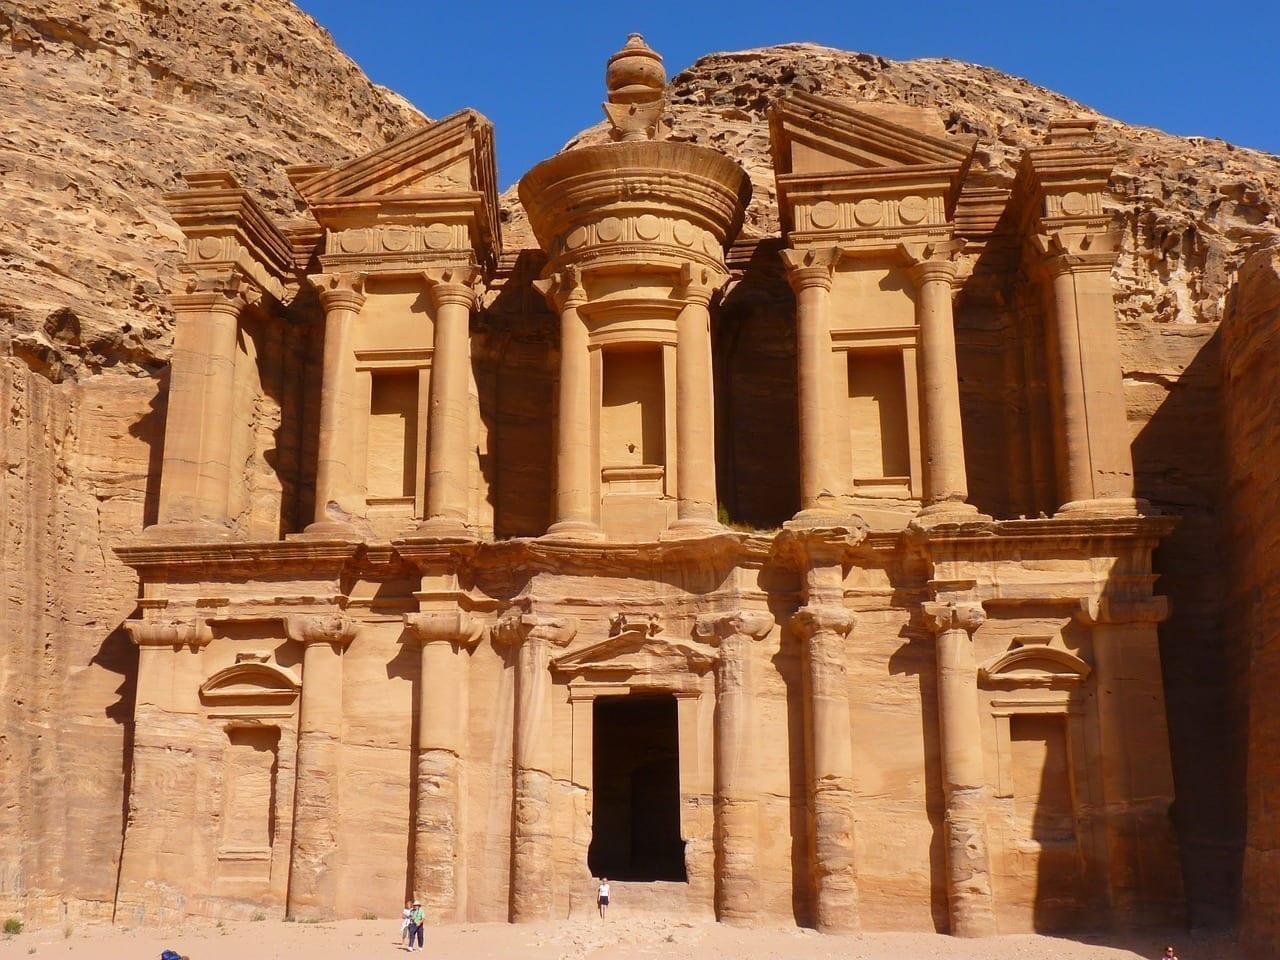 Ed Deir Monasterio Petra Jordania